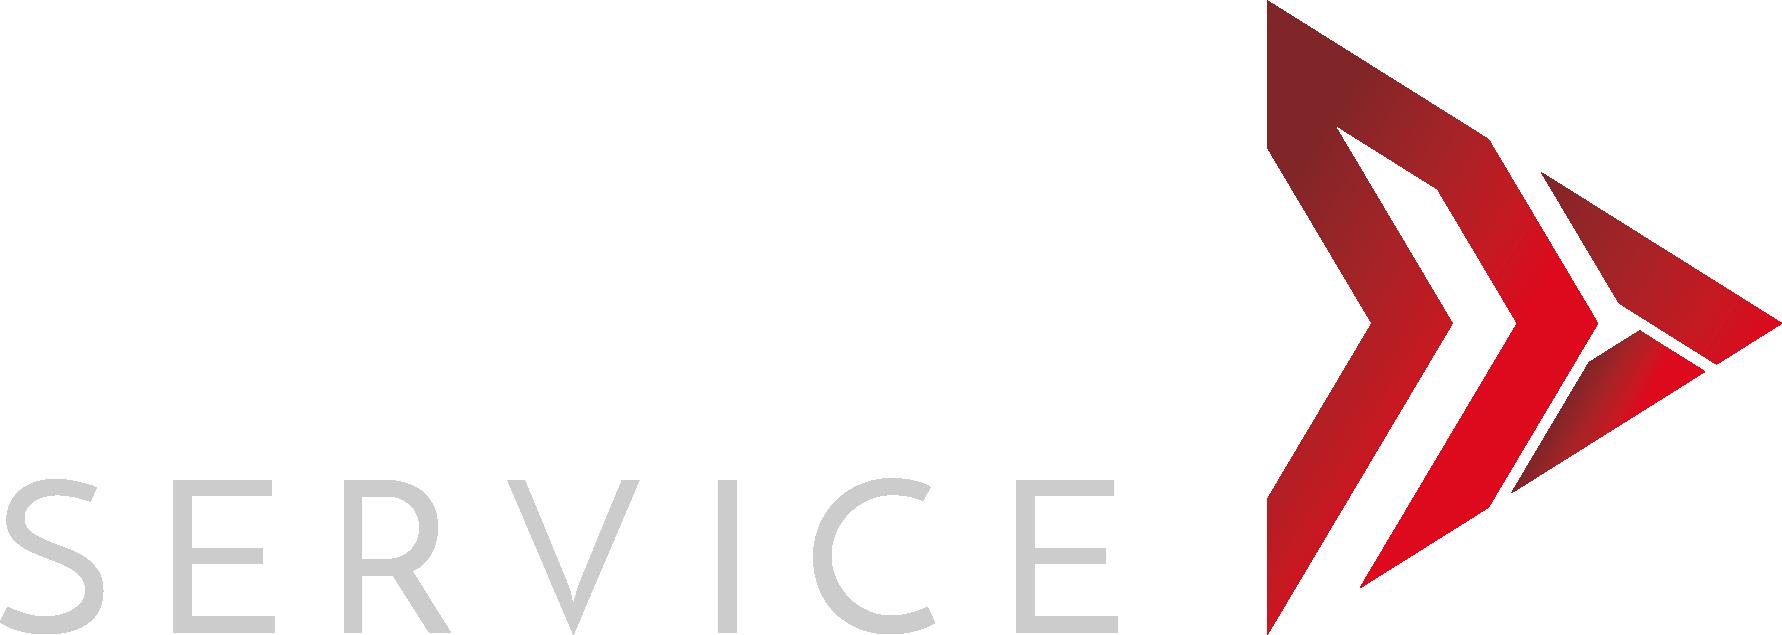 Logo_CNR SERVICE_white&colors